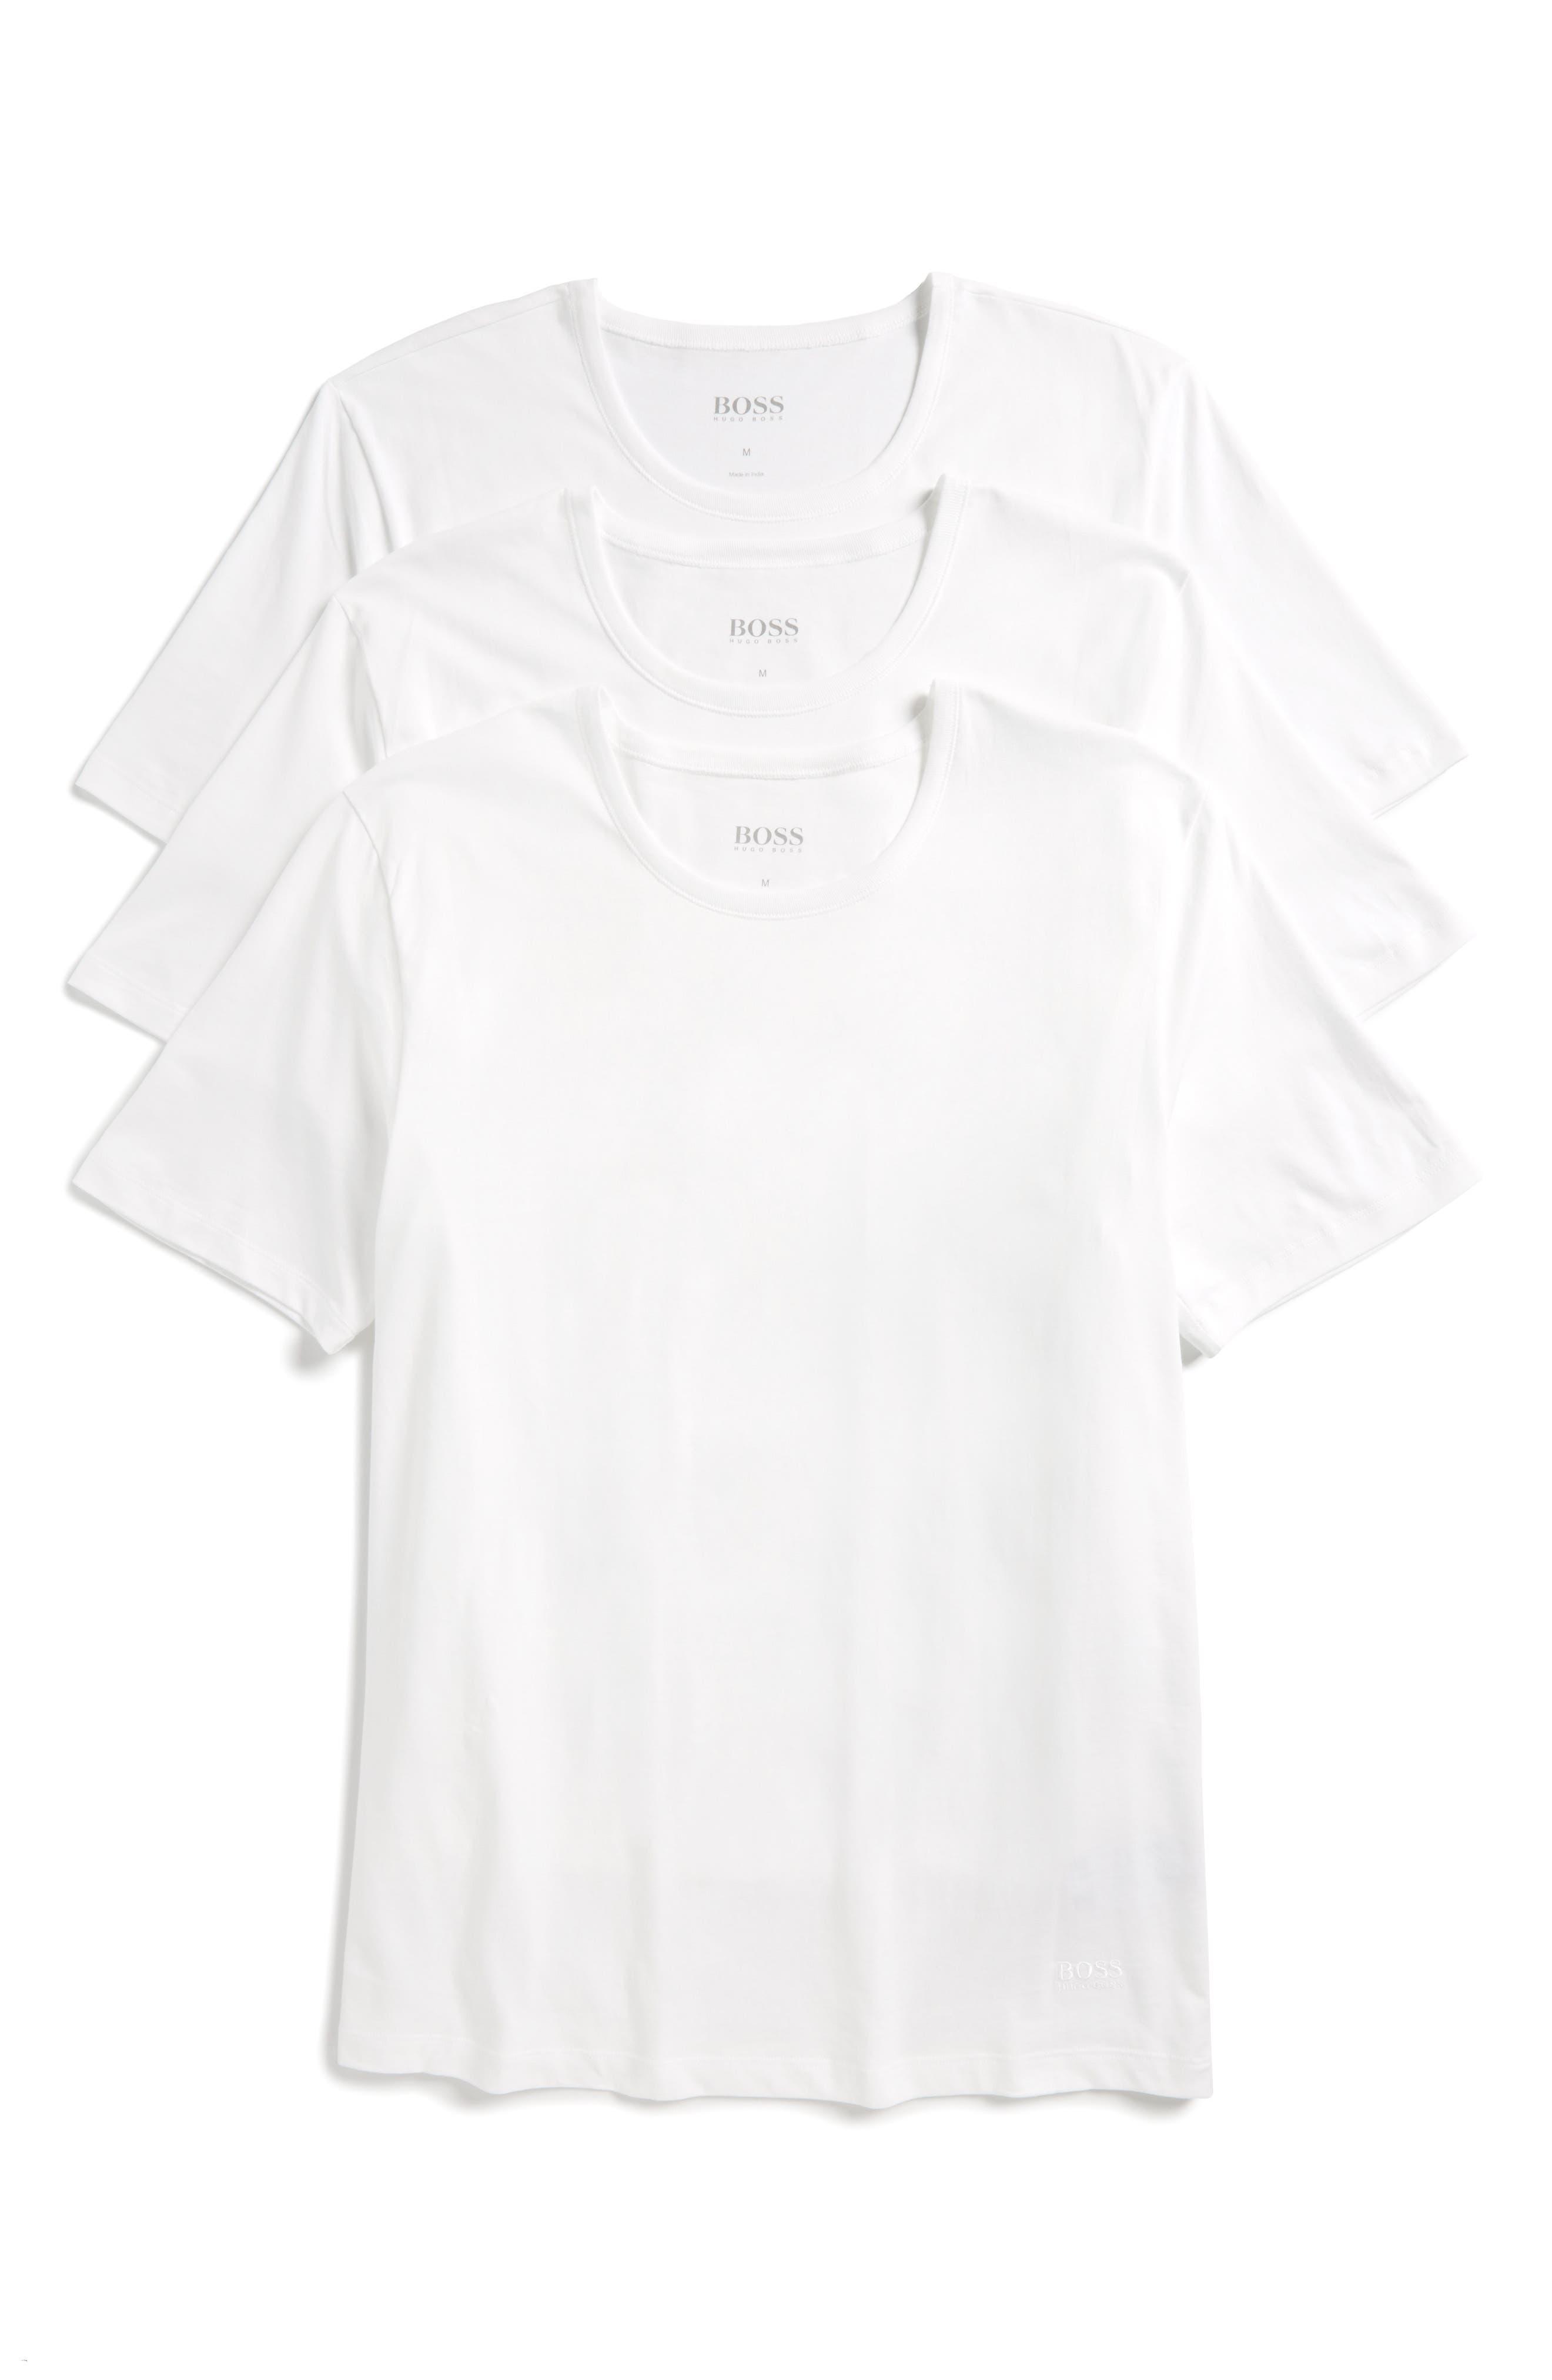 3-Pack Crewneck Cotton T-Shirt,                         Main,                         color, WHITE